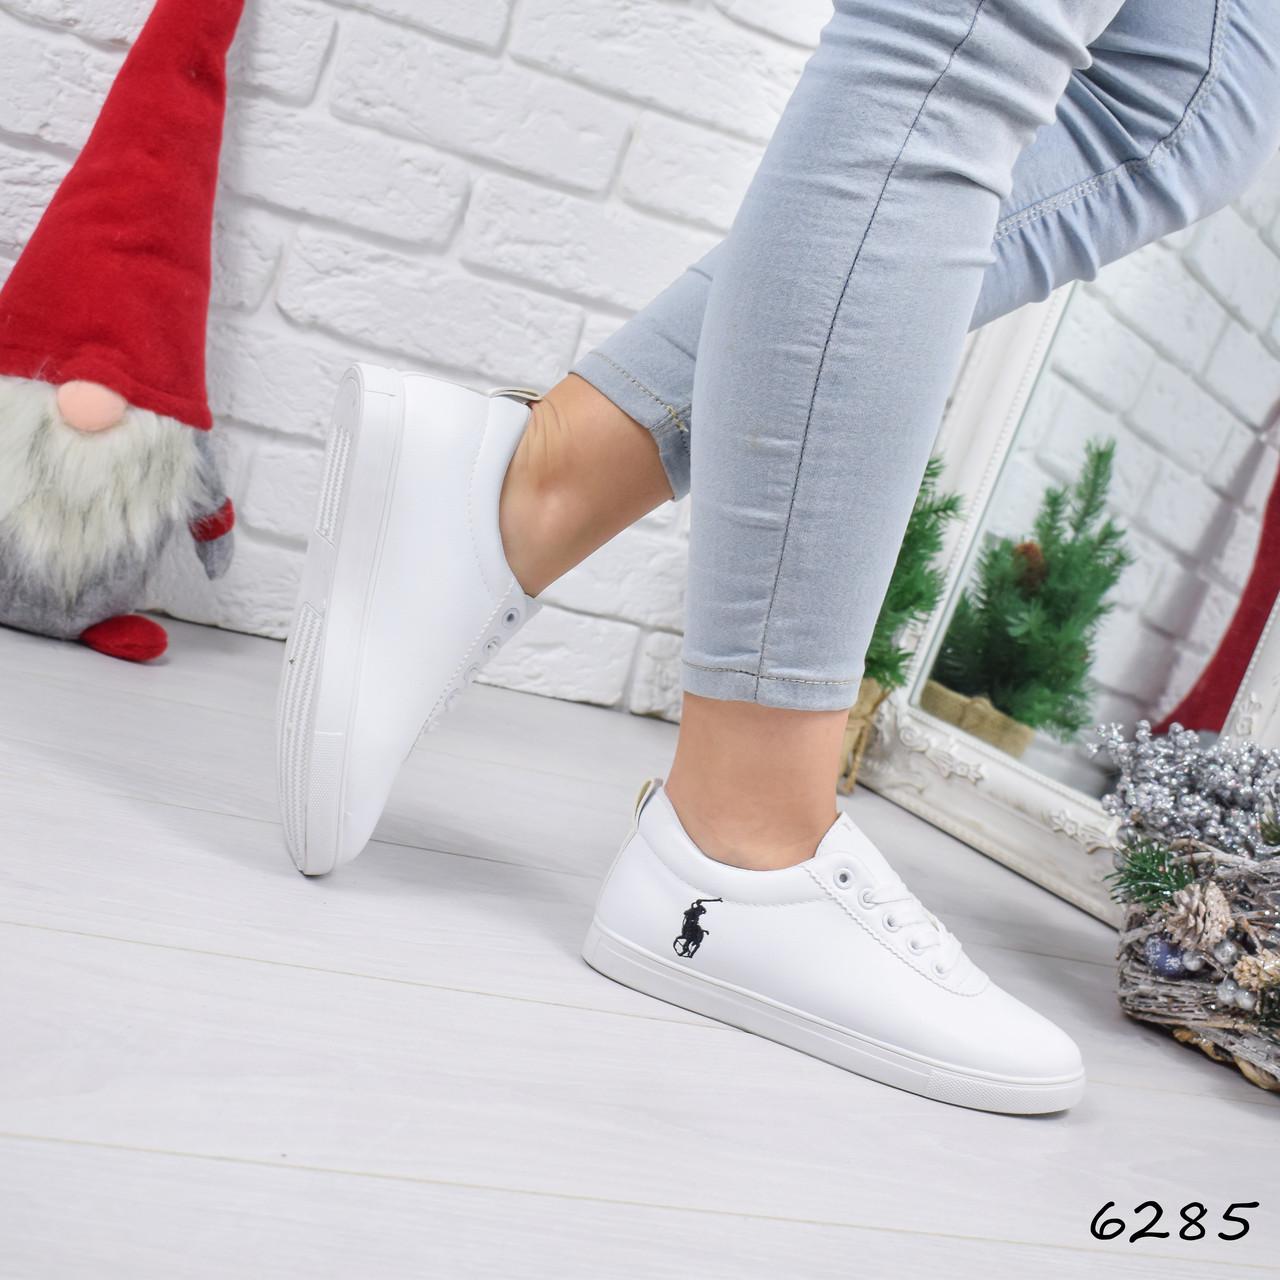 aa7dd318 Кеды женские Polo белые 6285, кеды женские осенняя обувь - Интернет -  магазин MaxTrade в